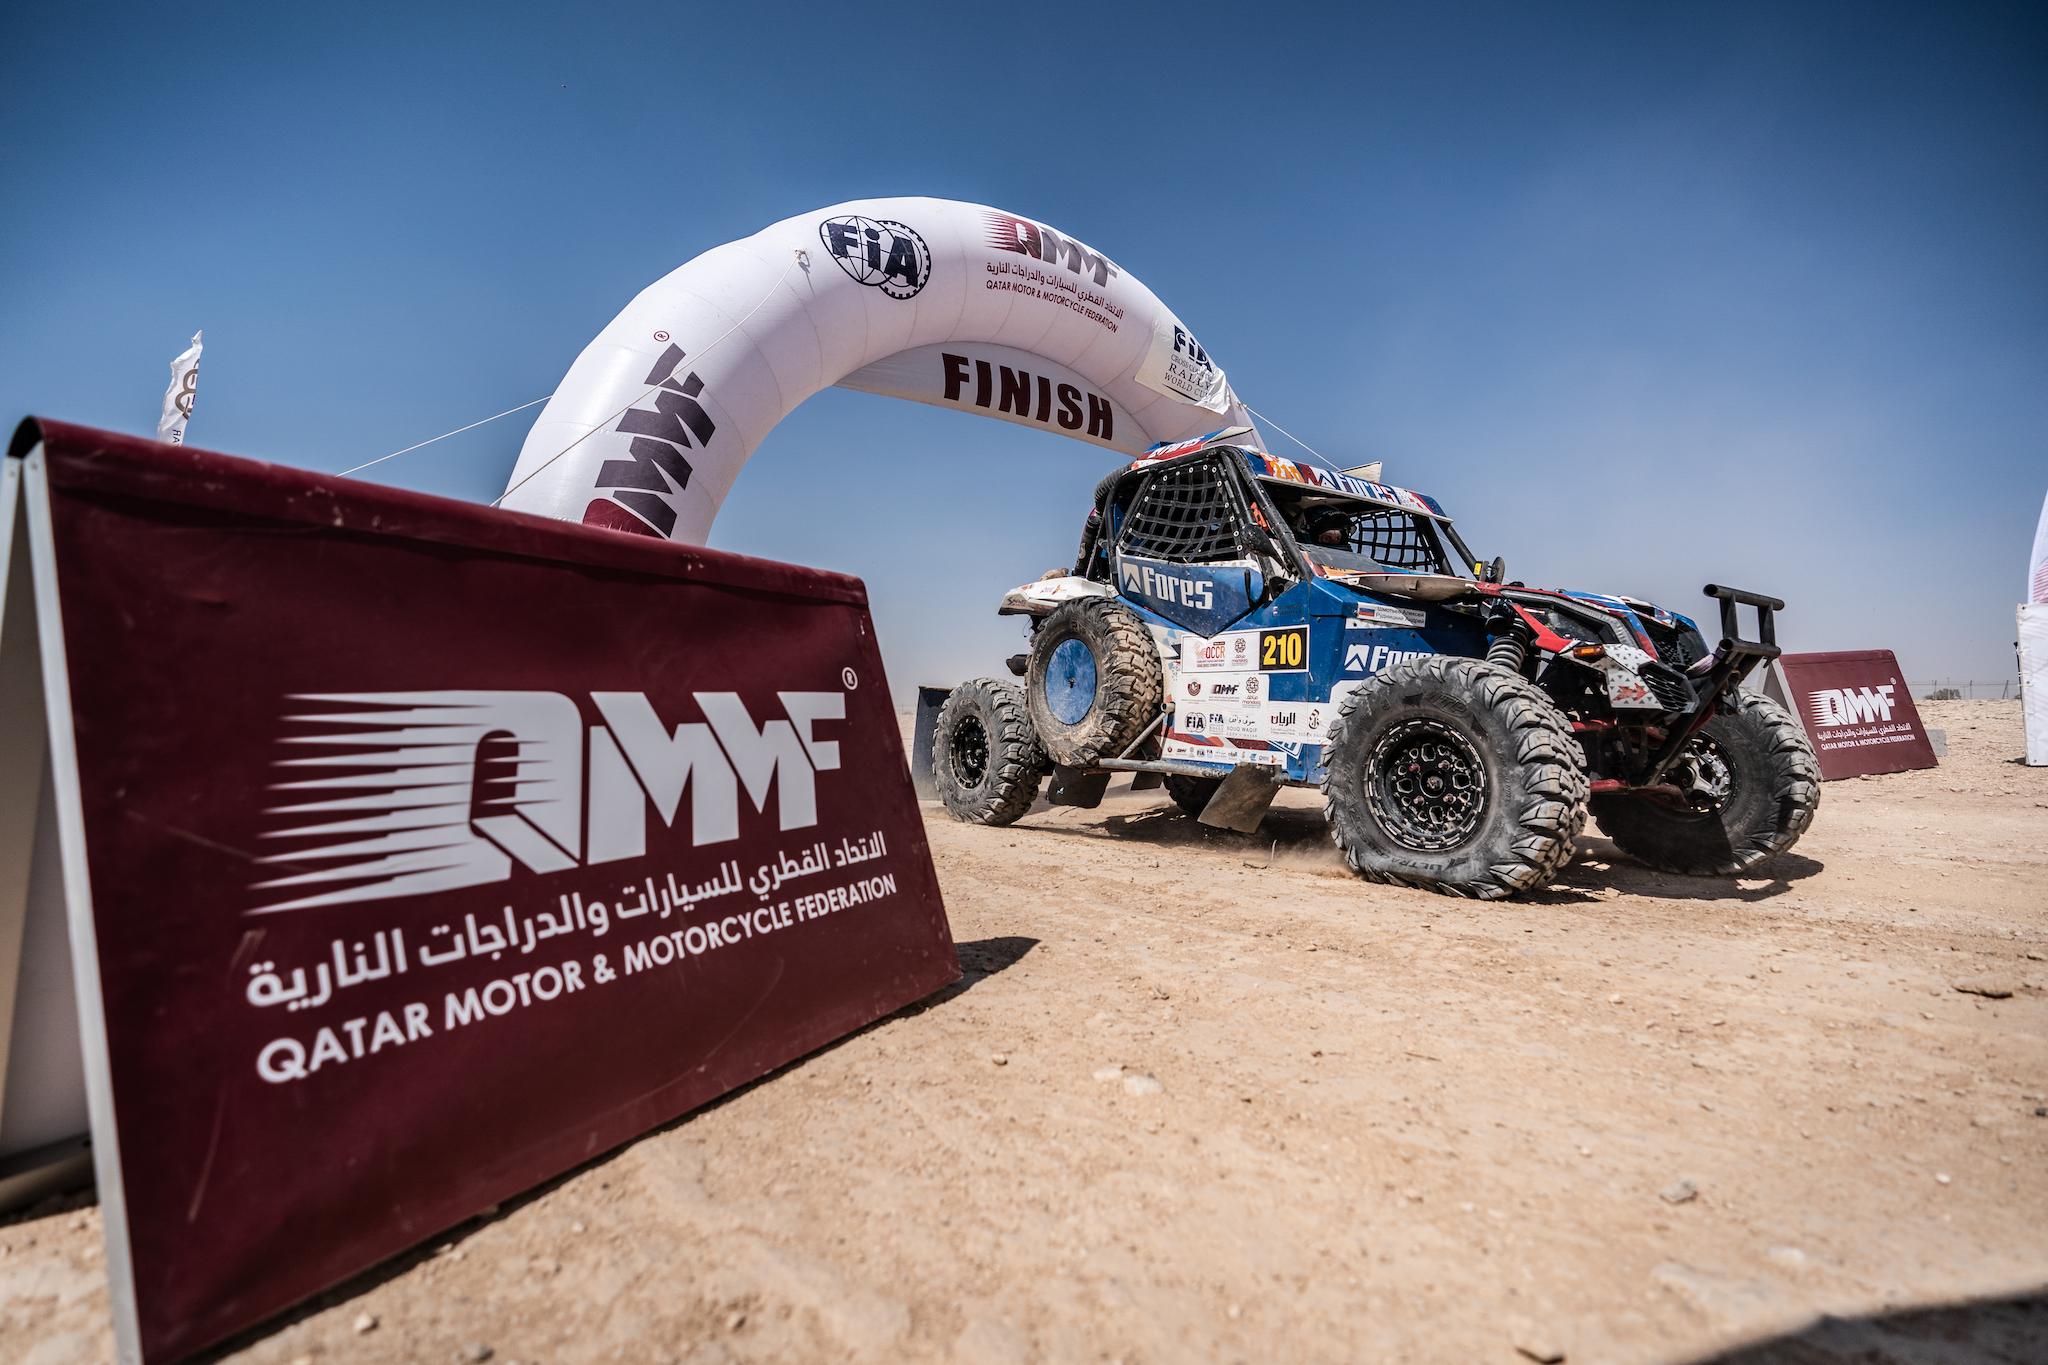 Через сложности к важным очкам в Кубке мира – итоги Manateq Qatar Cross-Country Rally для Алексея Шмотьева и Андрея Рудницкого